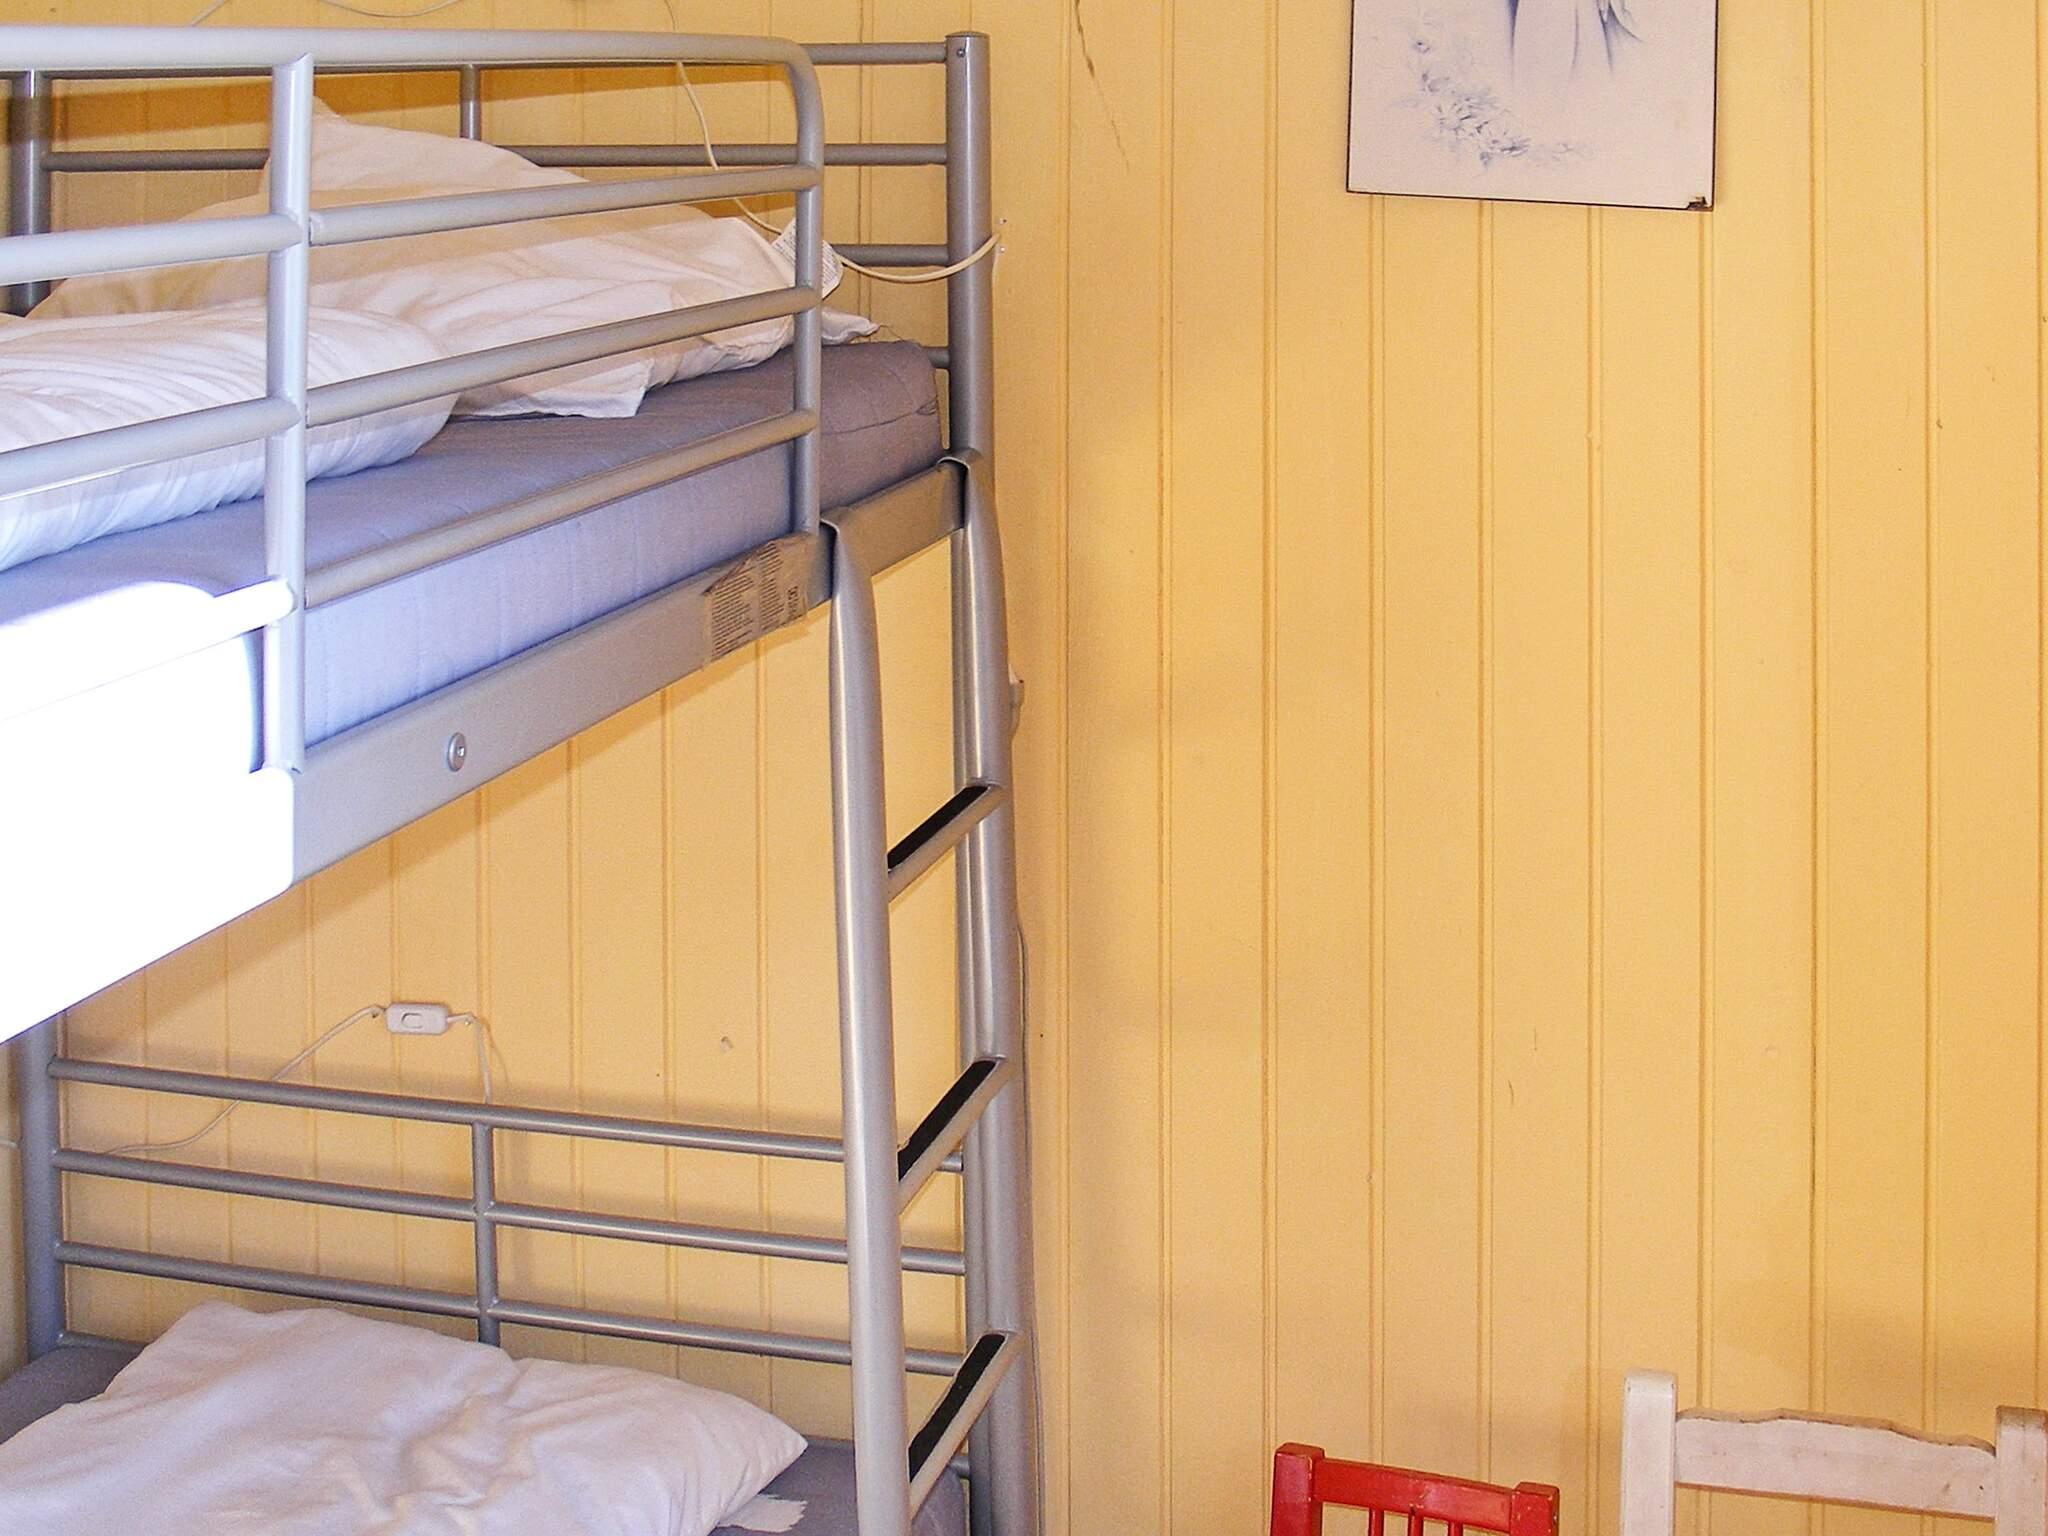 Ferienhaus Bakkebølle Strand (87346), Bakkebølle Strand, , Südseeland, Dänemark, Bild 5